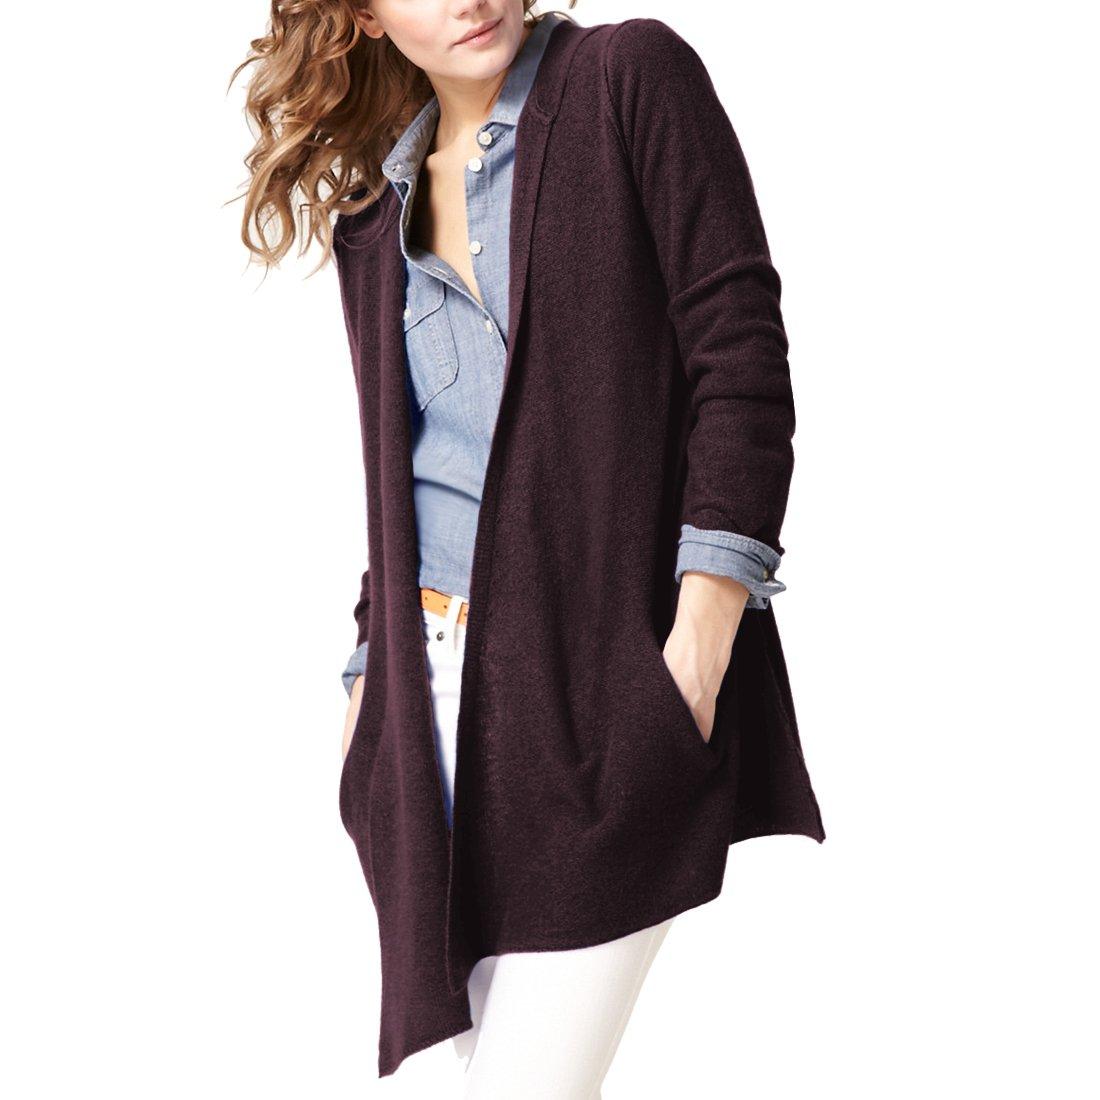 Parisbonbon Women's 100% Cashmere Hooded Cardigan Color Aubergine Size 3X by Parisbonbon